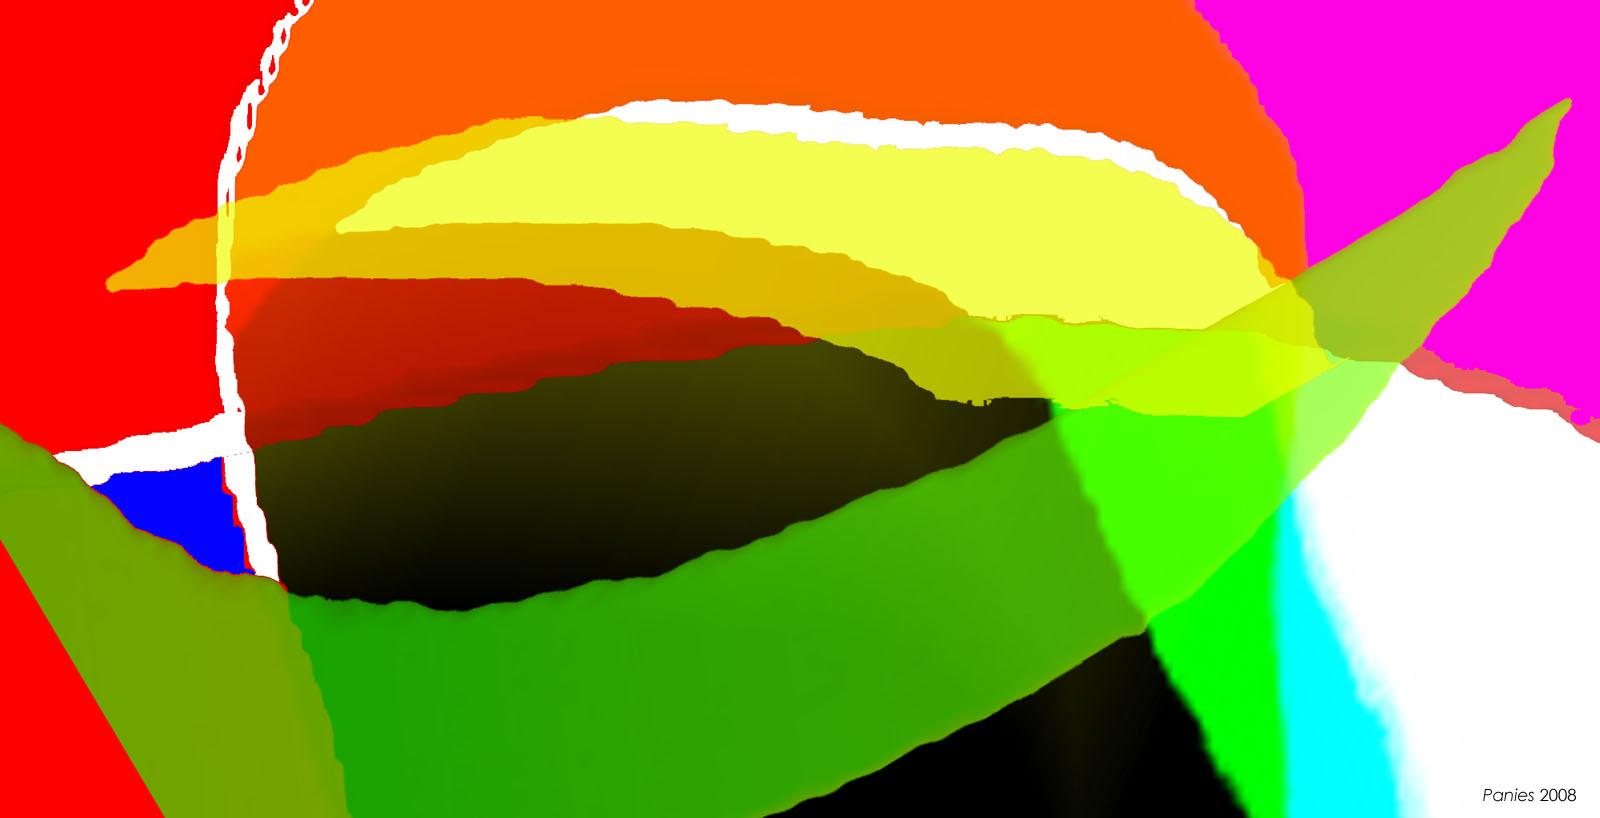 panies-danielvillalobos-art-digital-abstract-6